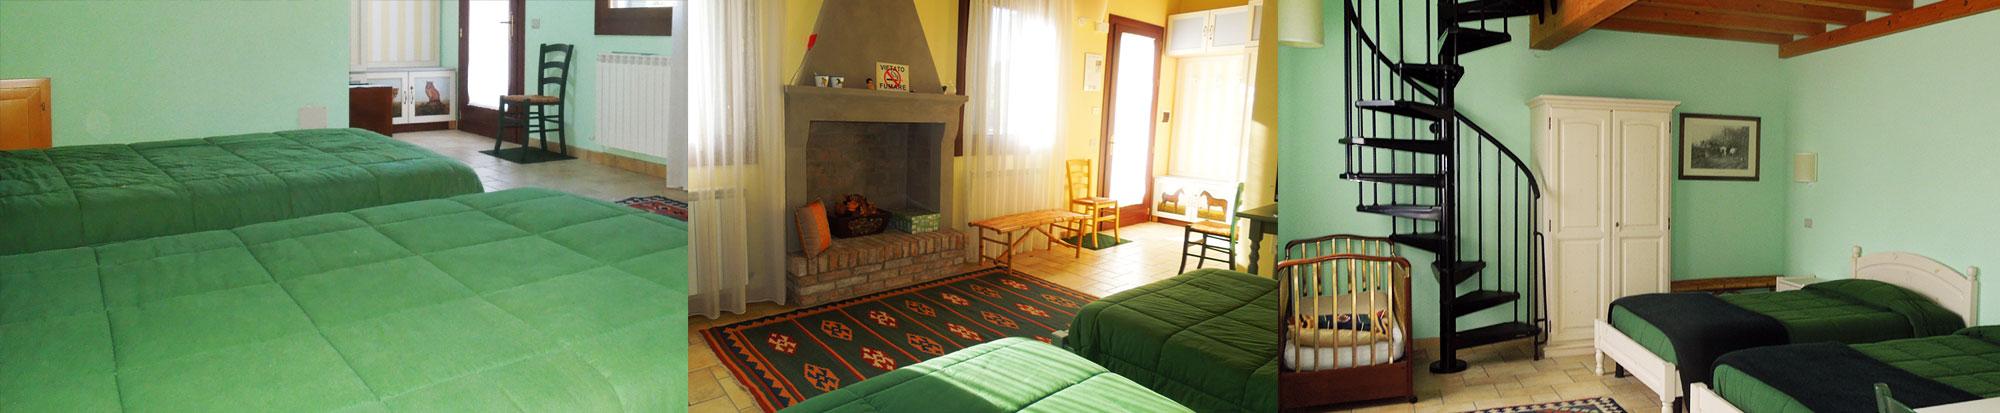 Camere bed and breakfast la presa delta del po - Camere da letto veneto ...